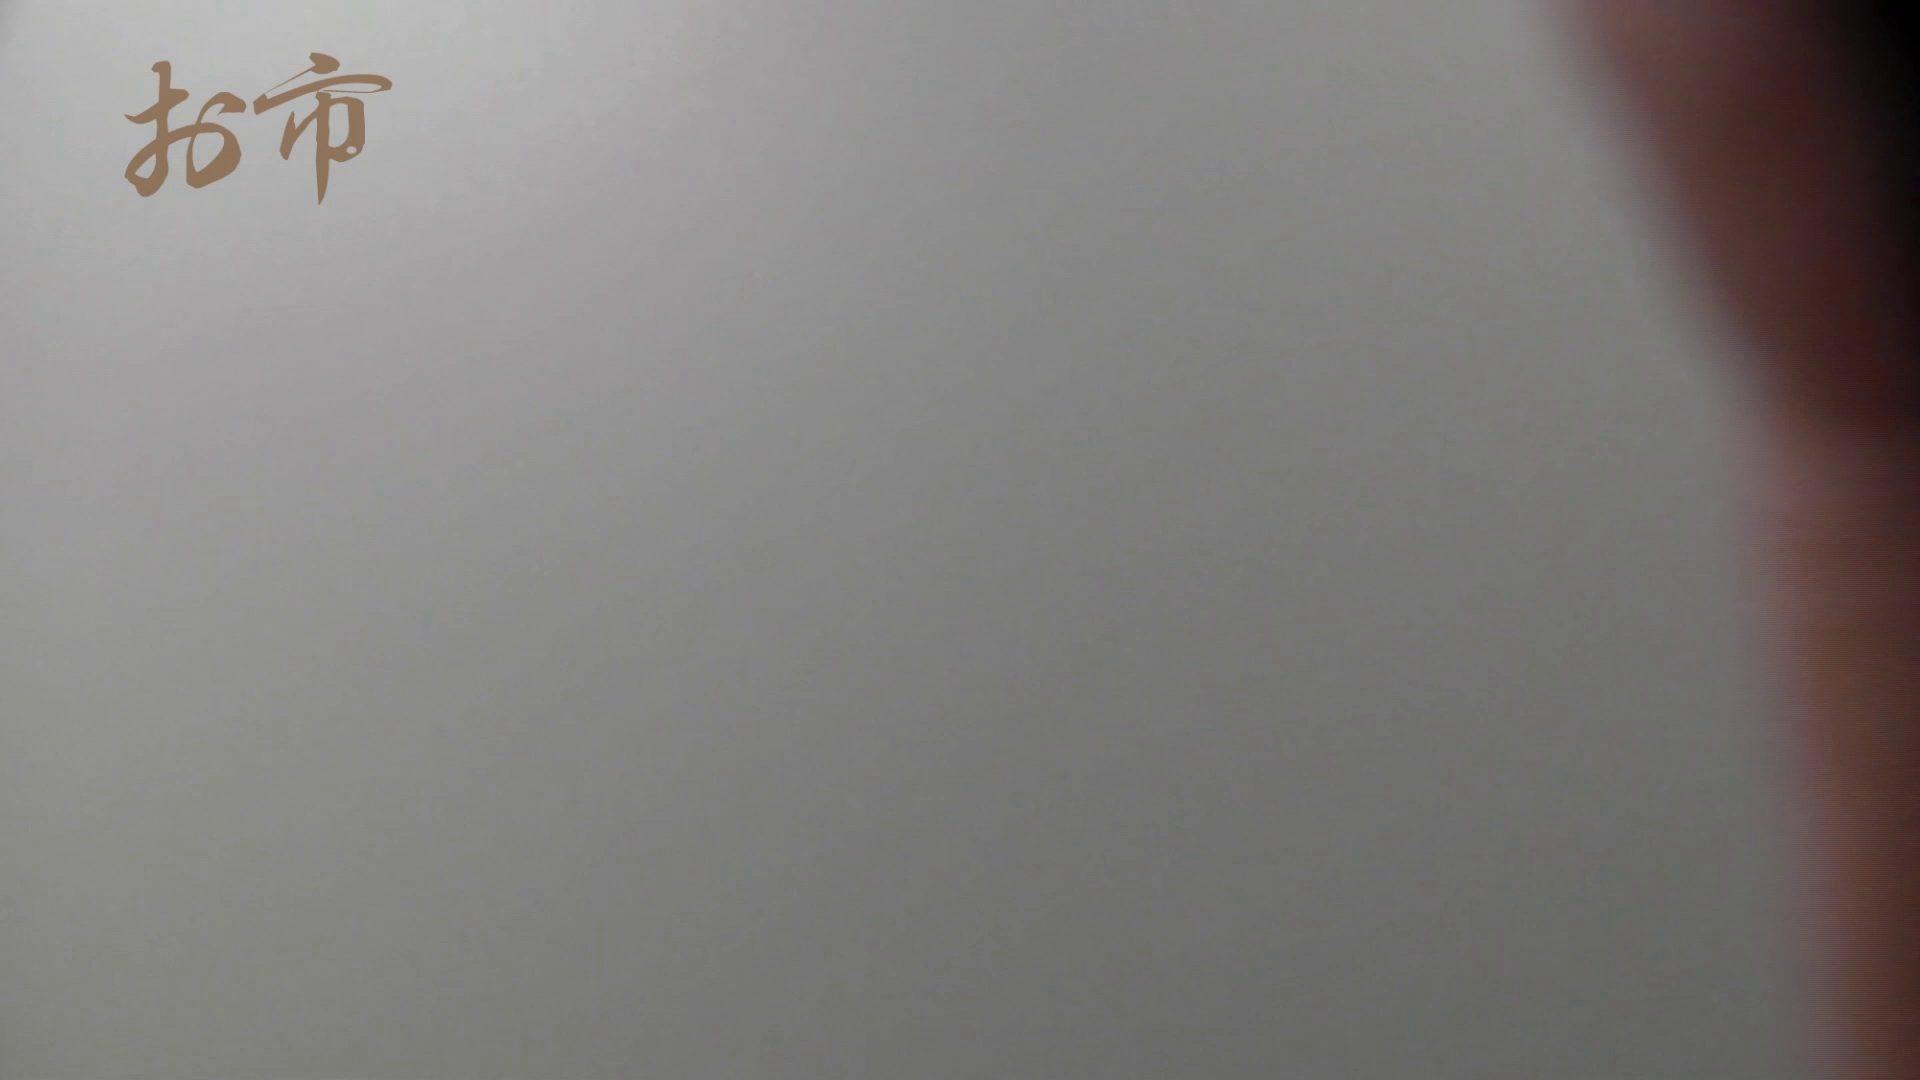 潜入!!台湾名門女学院 Vol.12 長身モデル驚き見たことないシチュエーション 潜入 戯れ無修正画像 89PIX 4